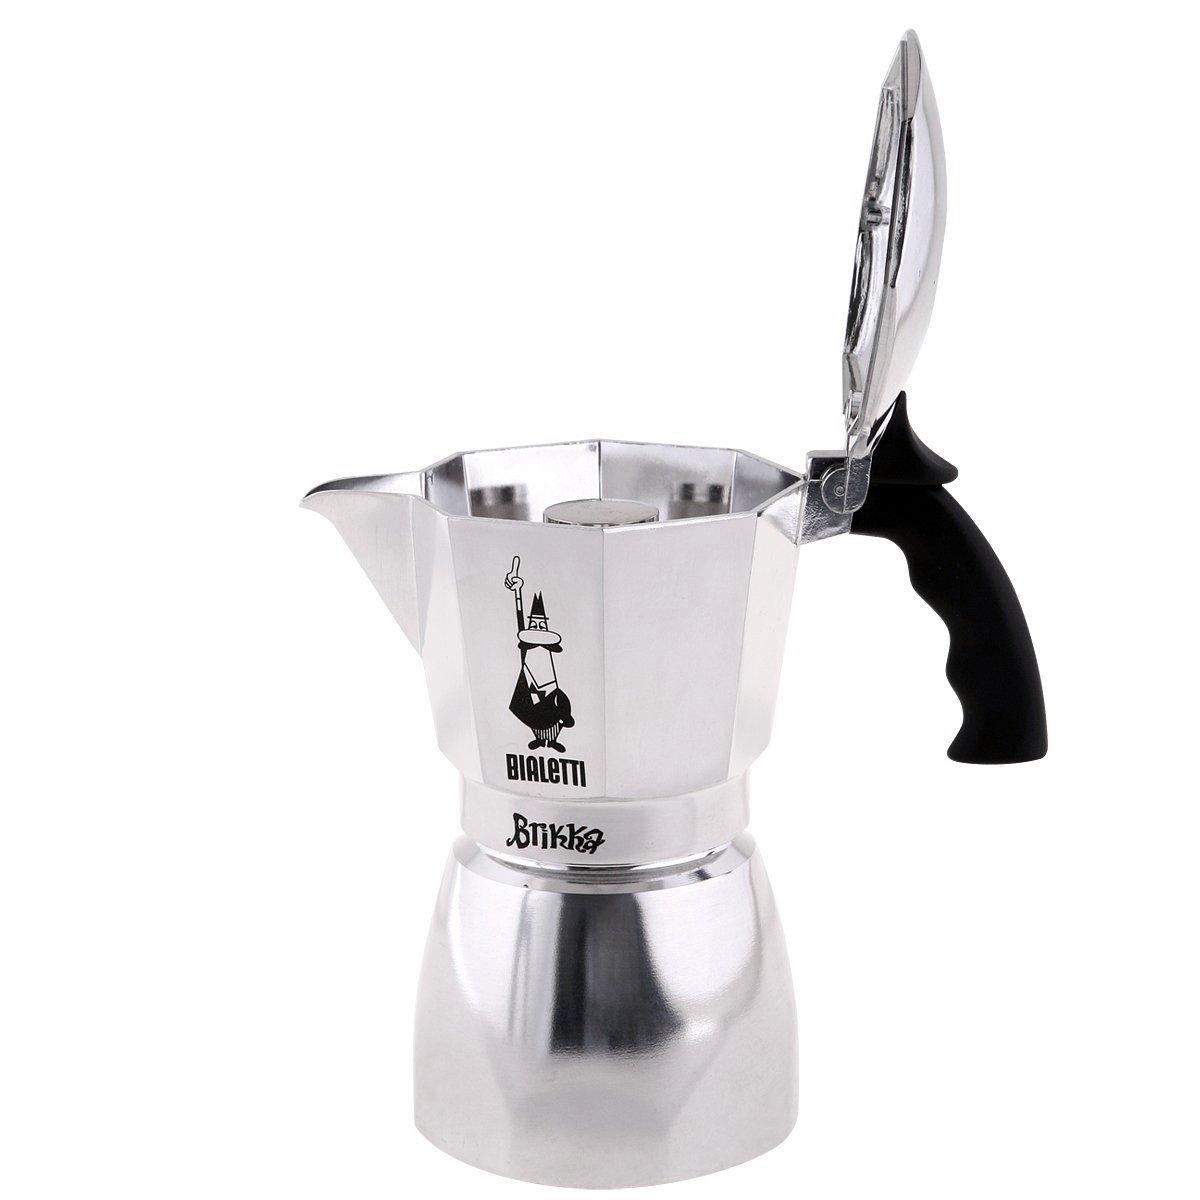 Καφετιέρα espresso Bialetti Brikka Elite 4 tz